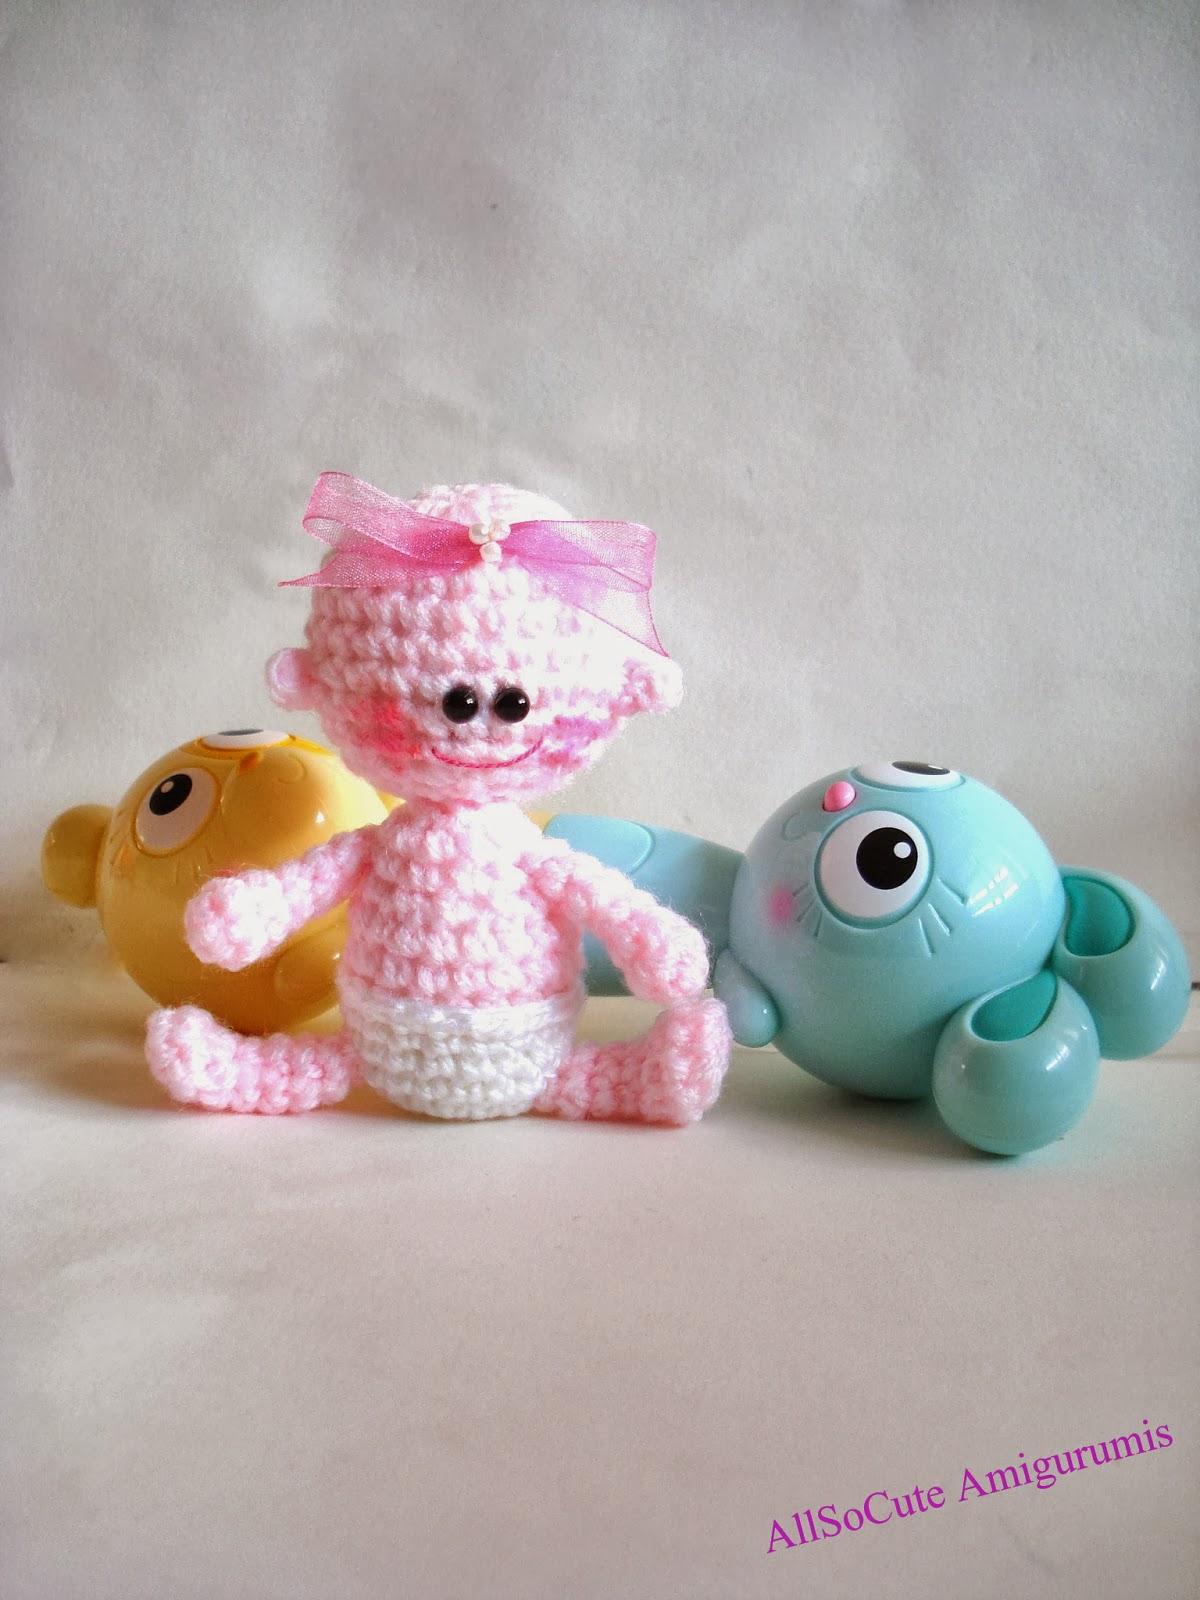 Crochet Amigurumi For Baby : Allsocute amigurumis amigurumi baby crochet